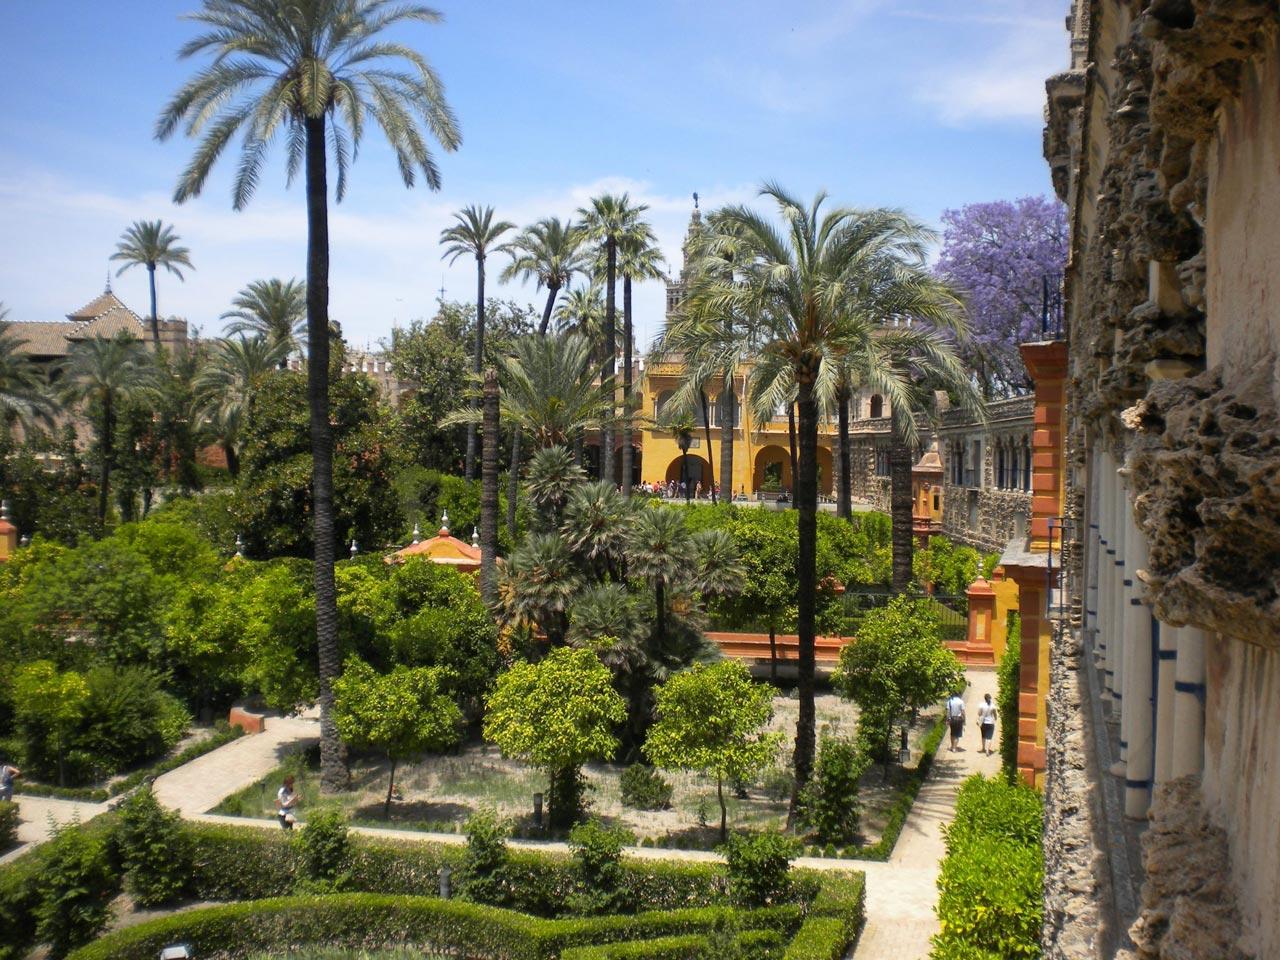 I giardini del Real Alcazar di Siviglia